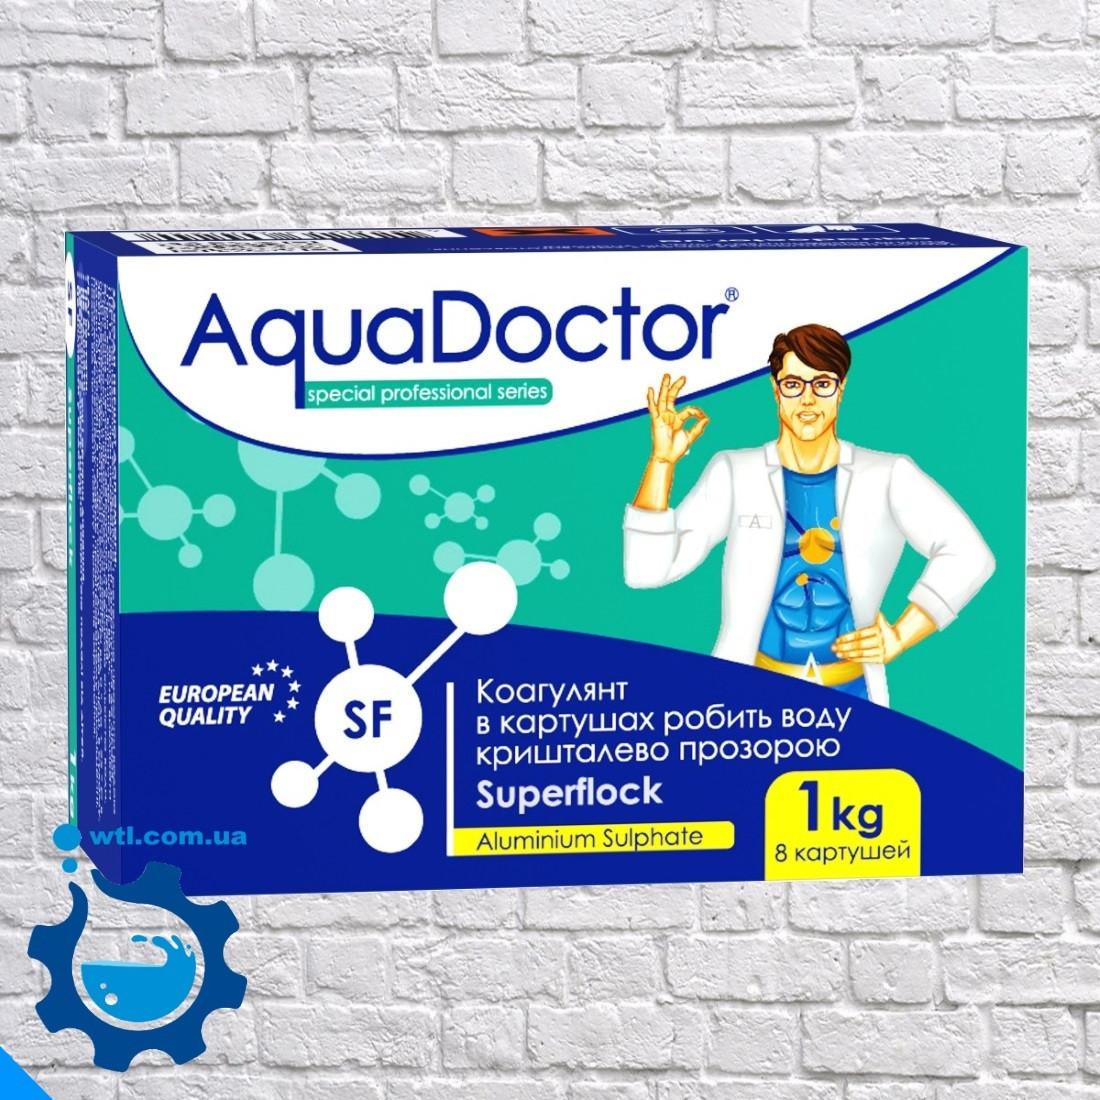 Коагулянт (флокулянт) против мутности в воде Aquadoctor Superflock 1 кг Аквадоктор в картушах